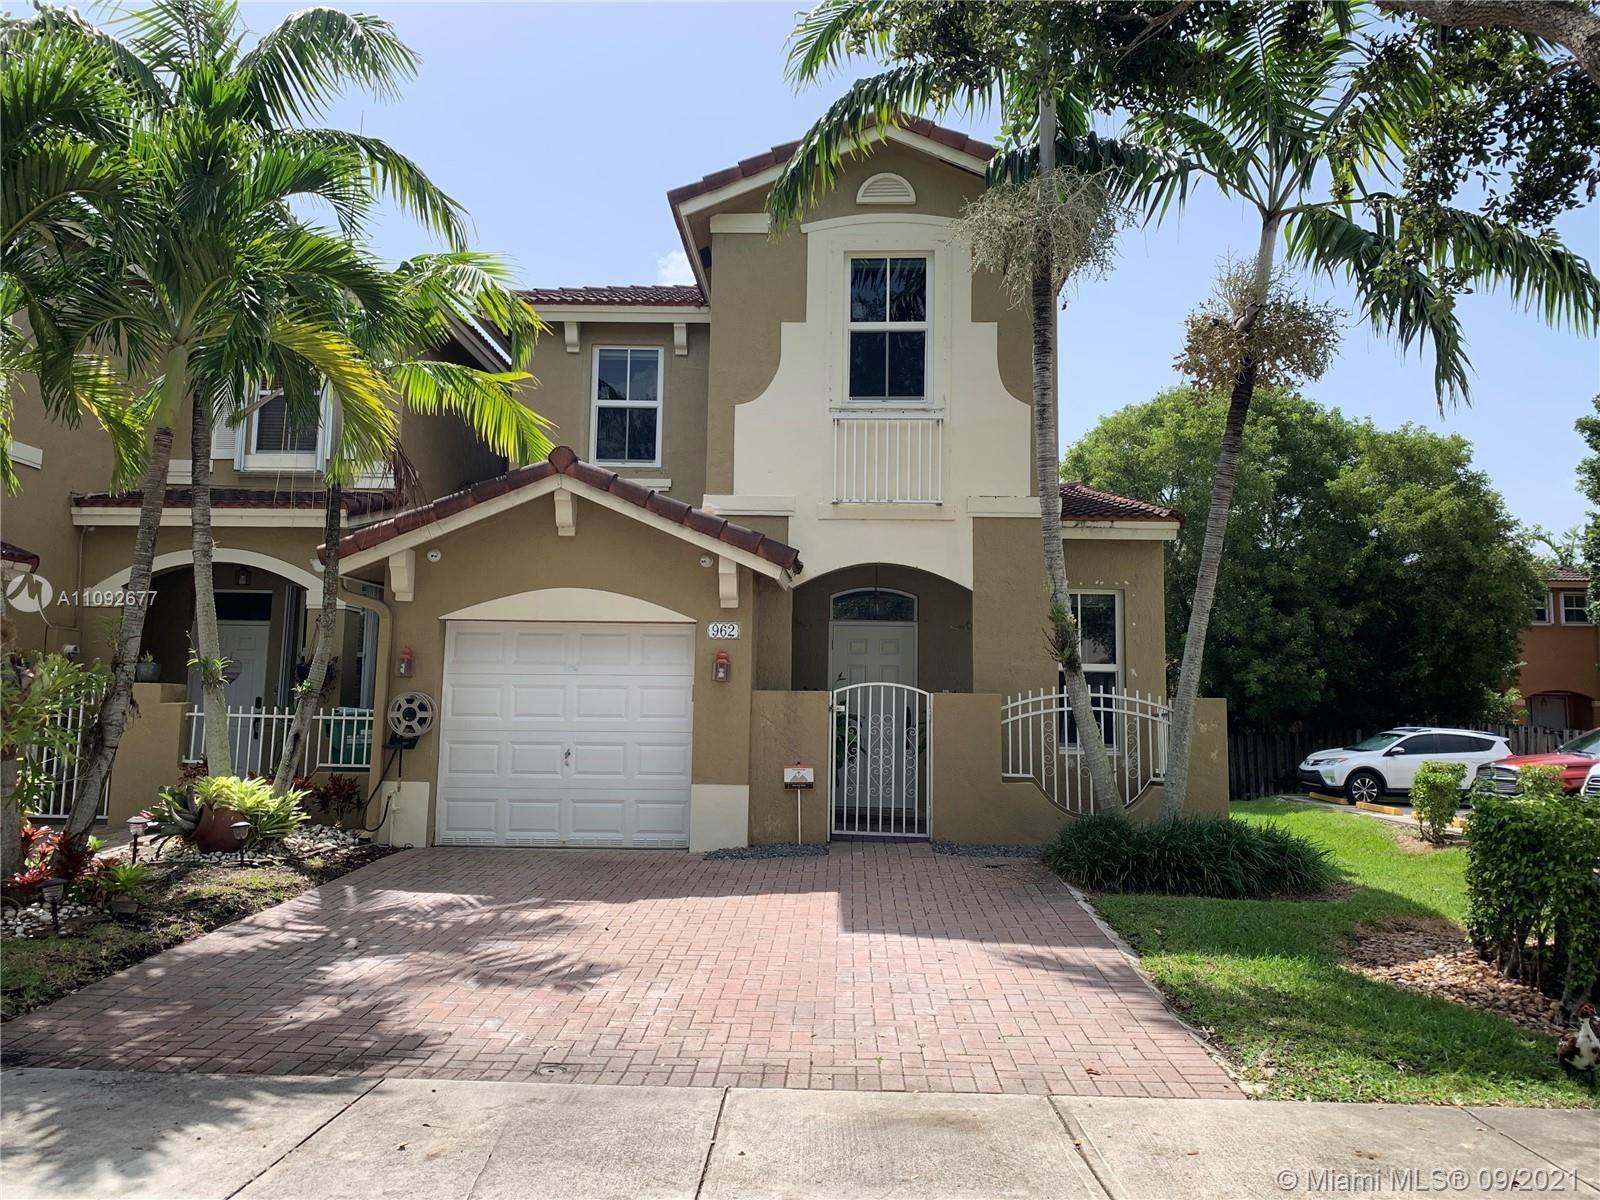 962 SW 154 CT #0, Miami, FL 33194 - #: A11092677